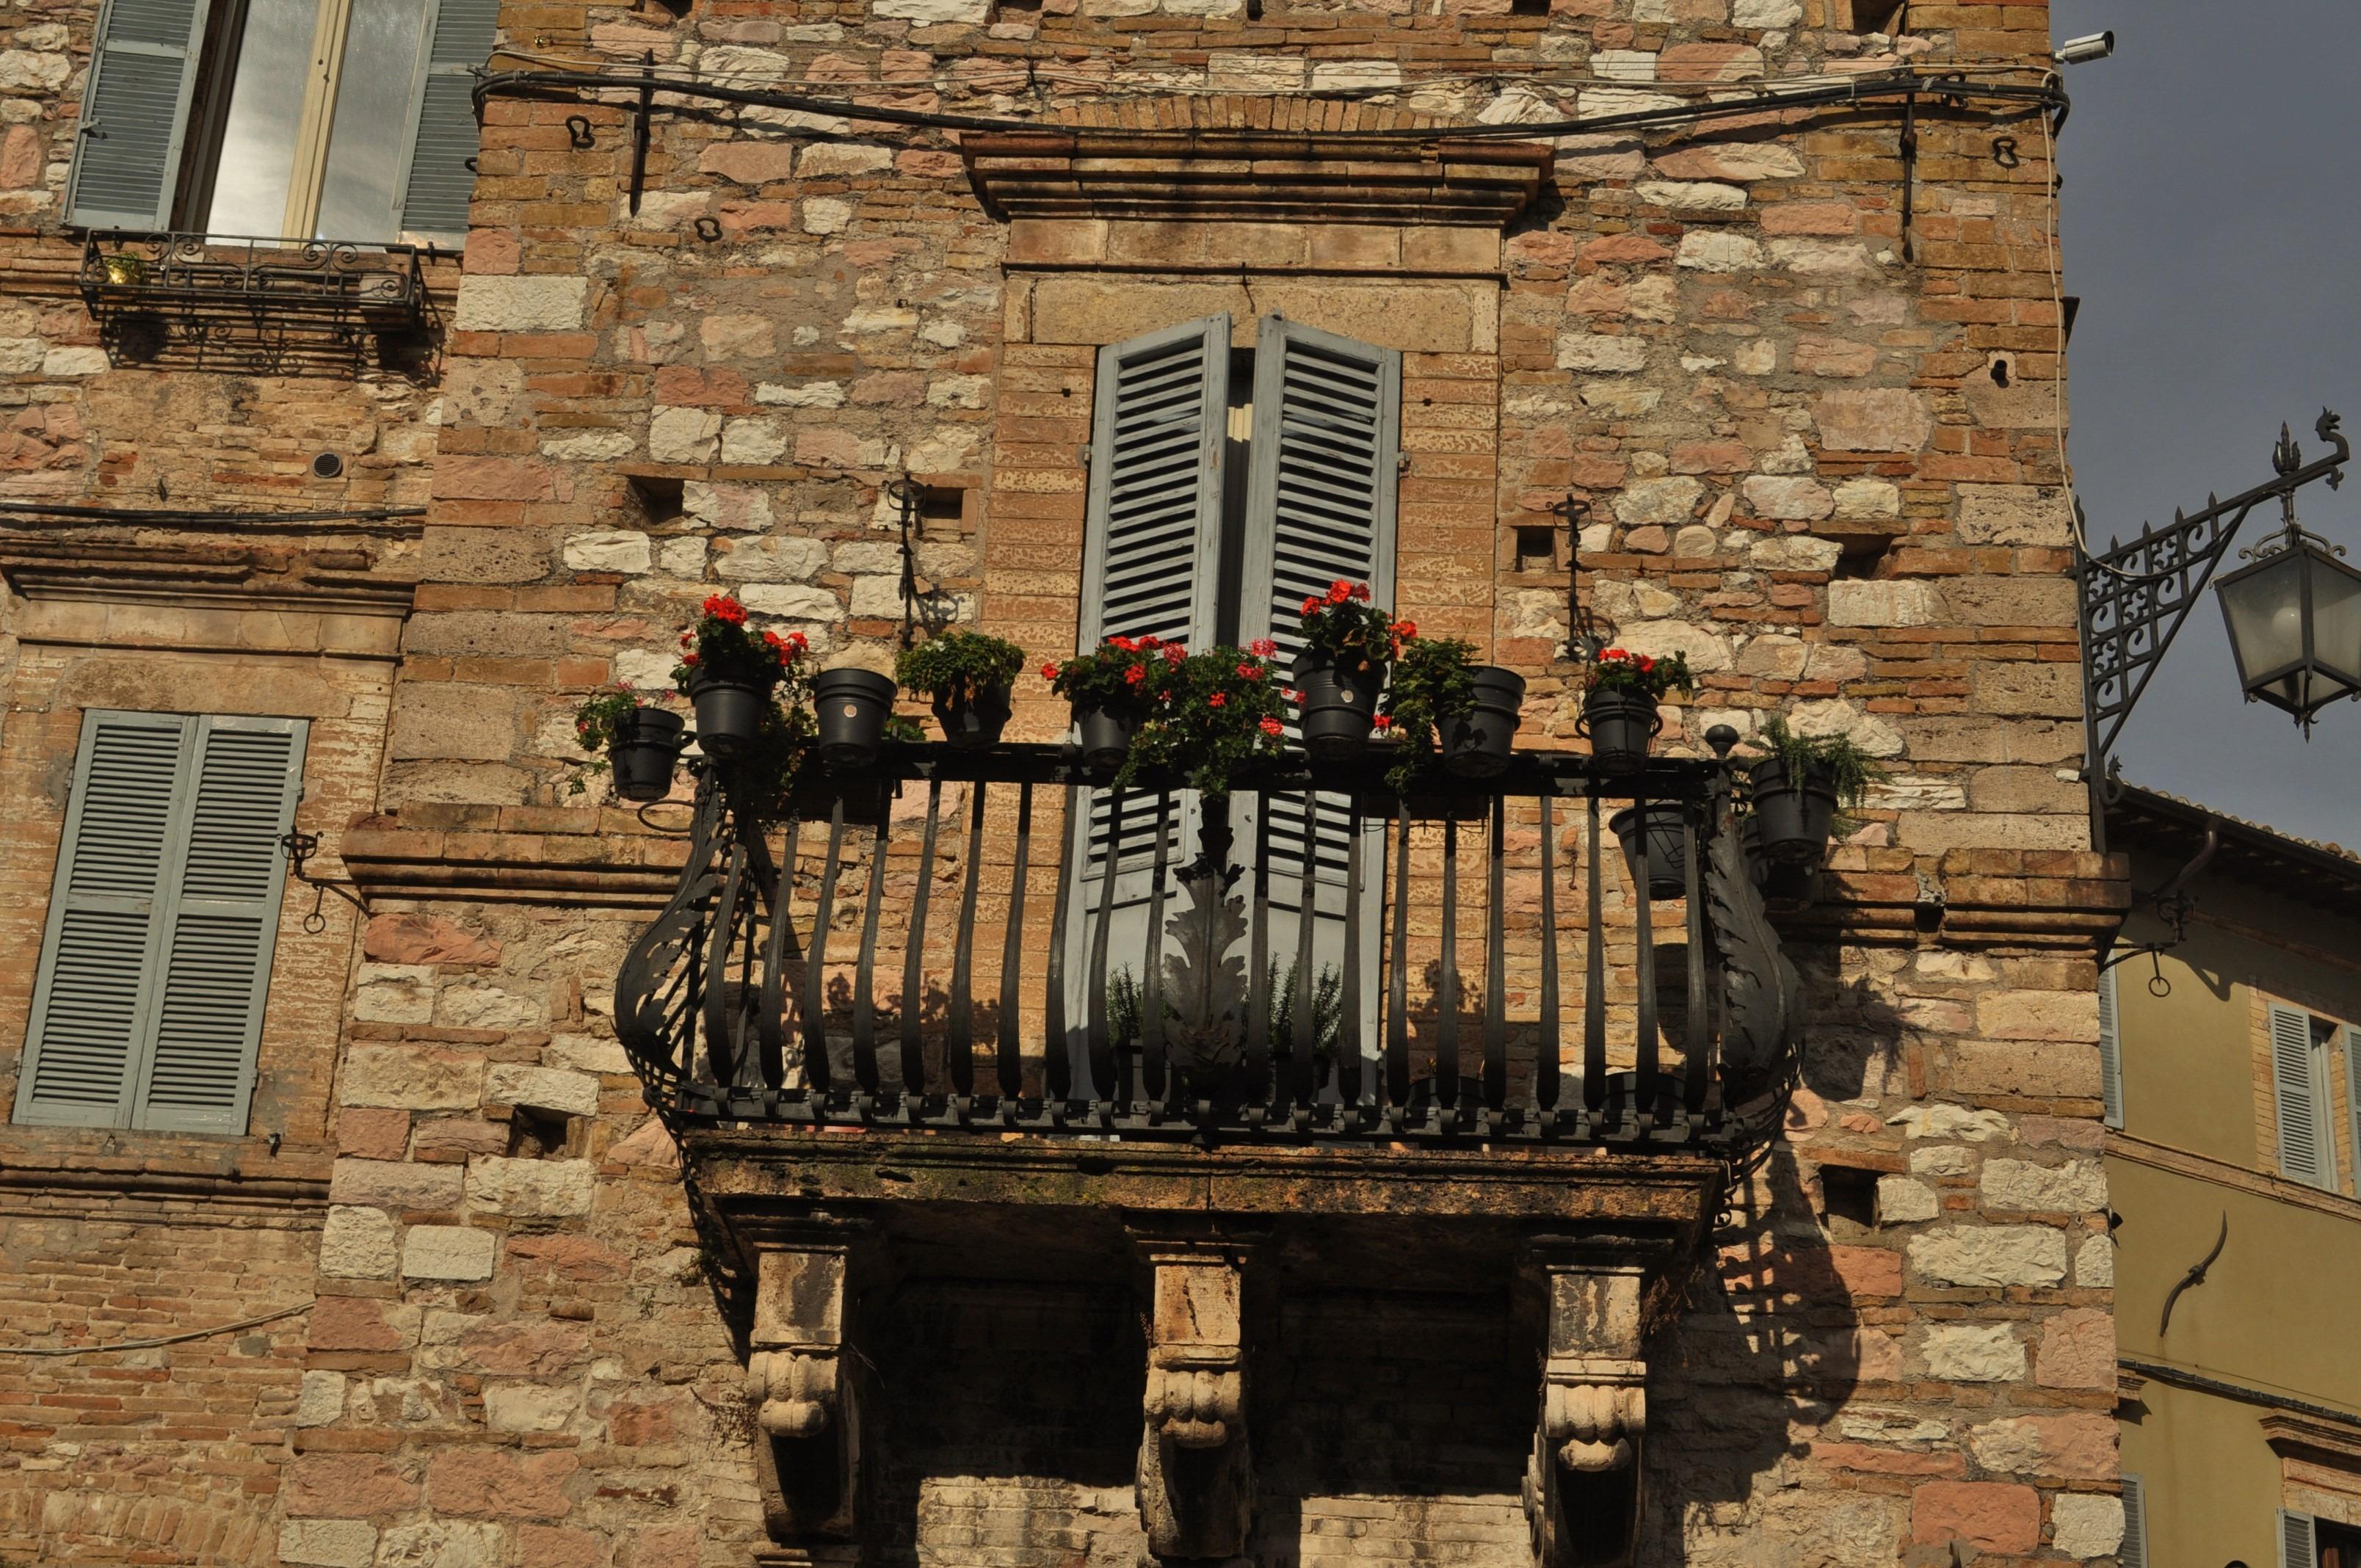 Същите каменни сгради, патинирани от времето с потънали в цветя первази, същите тесни улички, измити от дъжда с подредените по тях сувенирни магазинчета и кафенета.